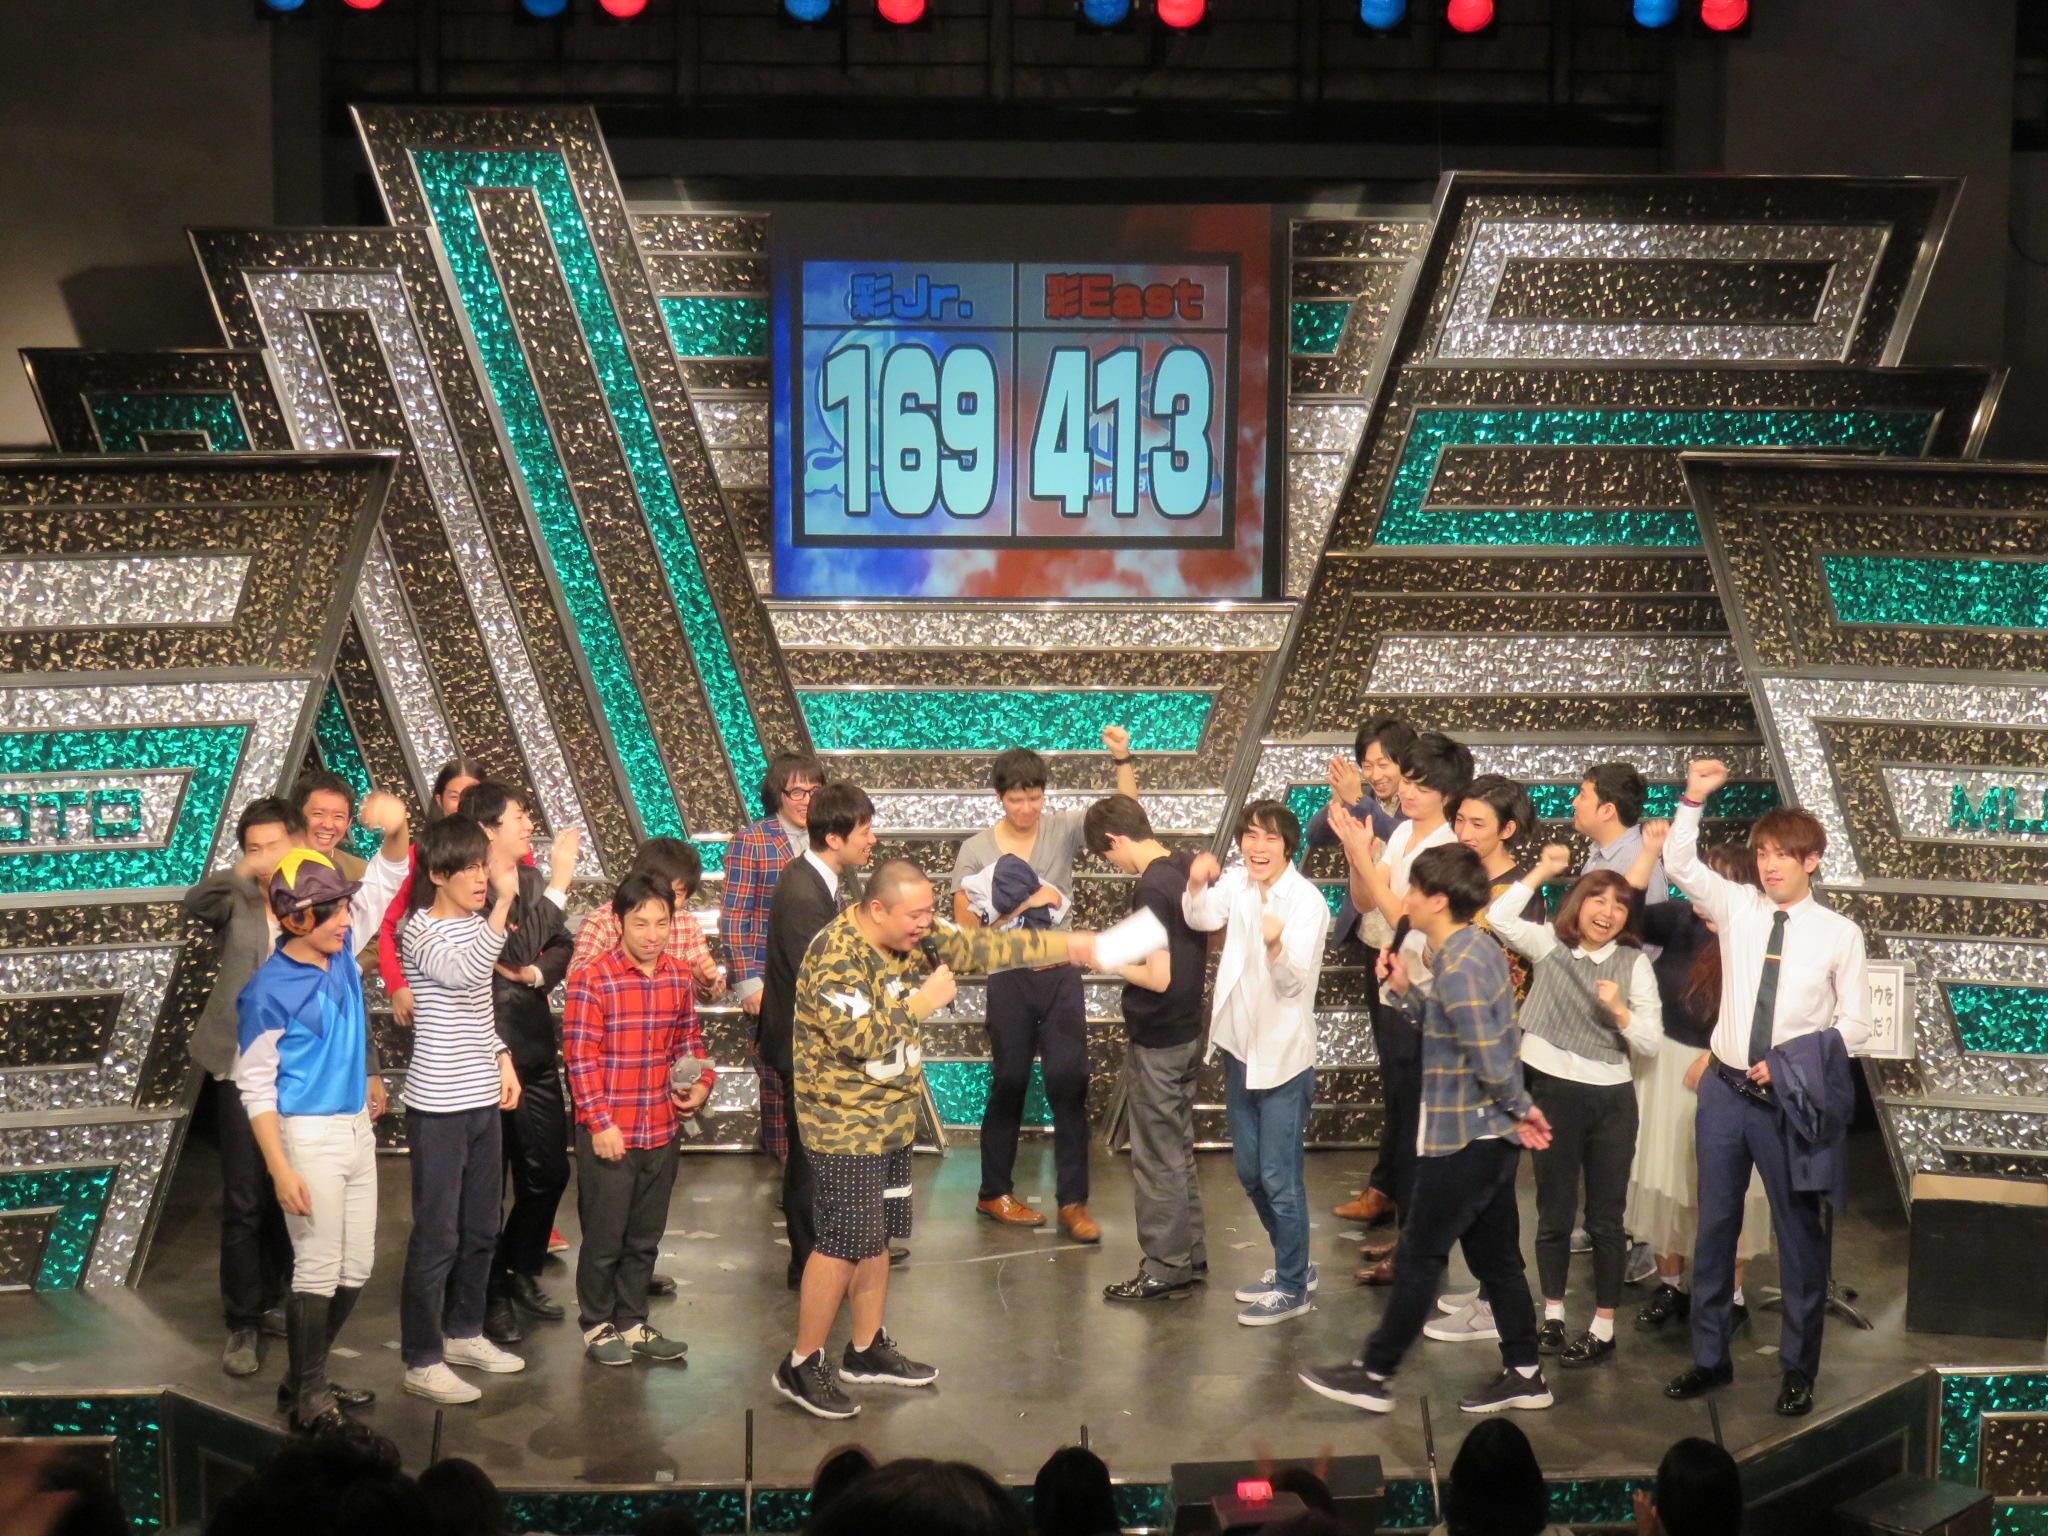 http://news.yoshimoto.co.jp/20160229163630-dd9a832ec7456e7179e93d9c192cdb23a5b8d16e.jpg